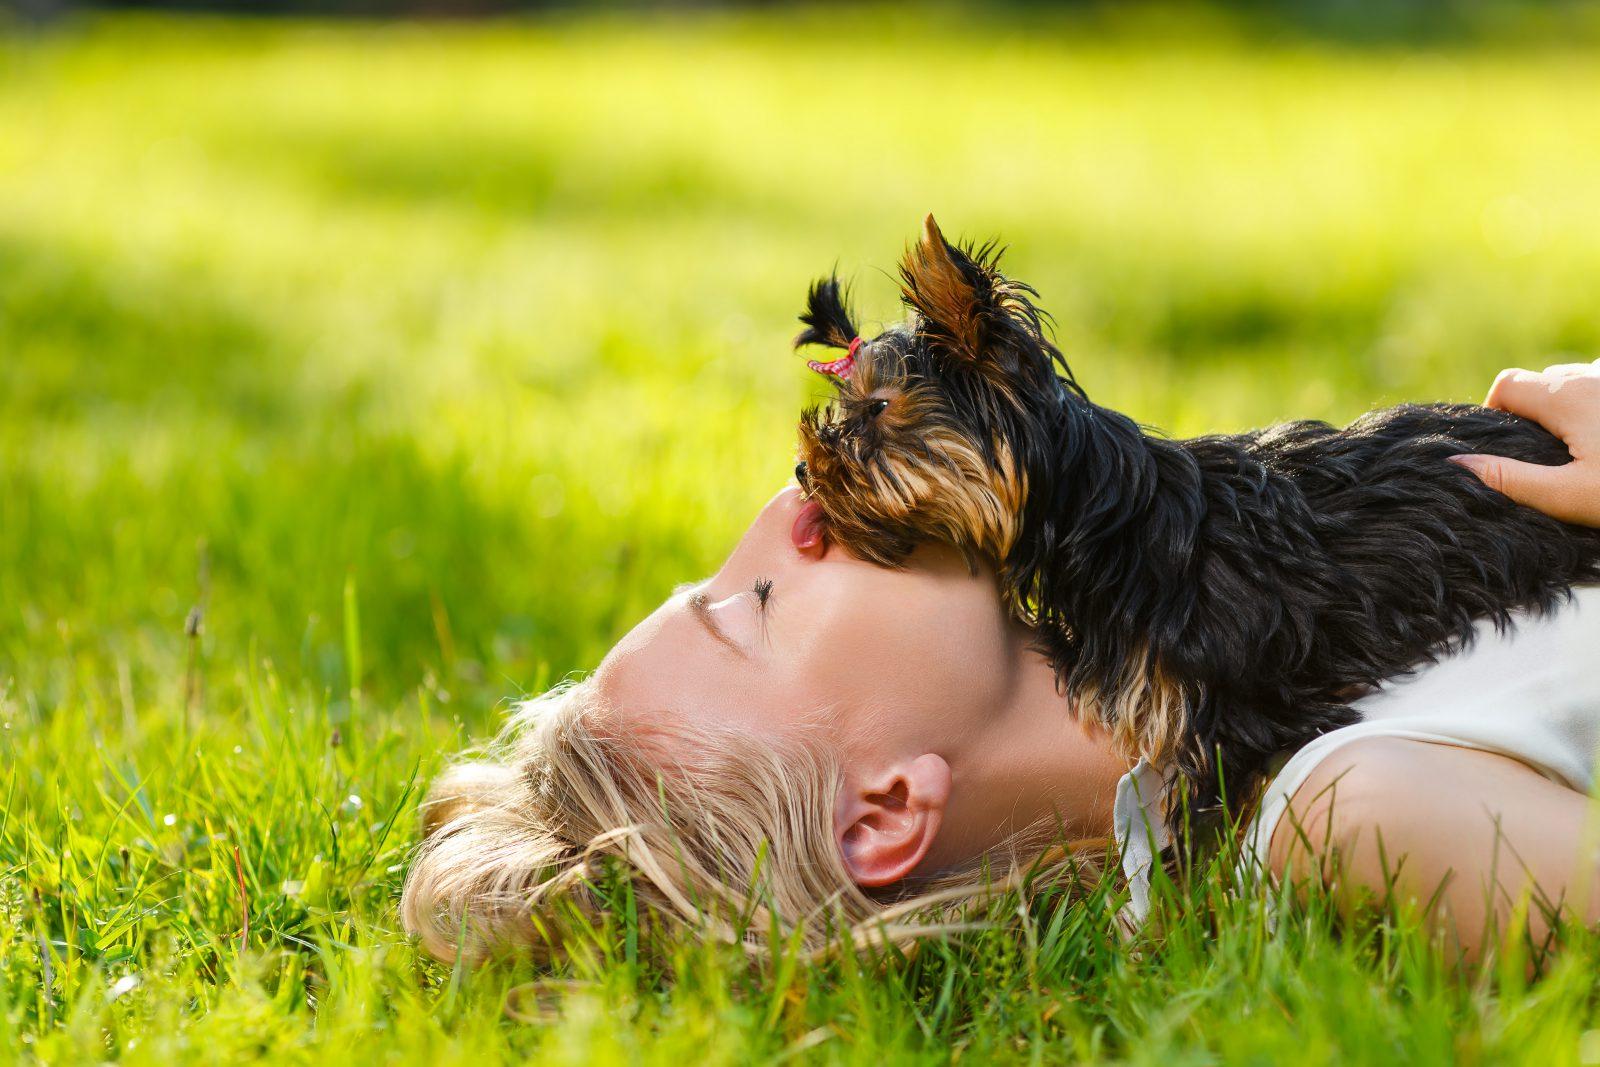 dicas-manter-cachorro-jovem-divertir